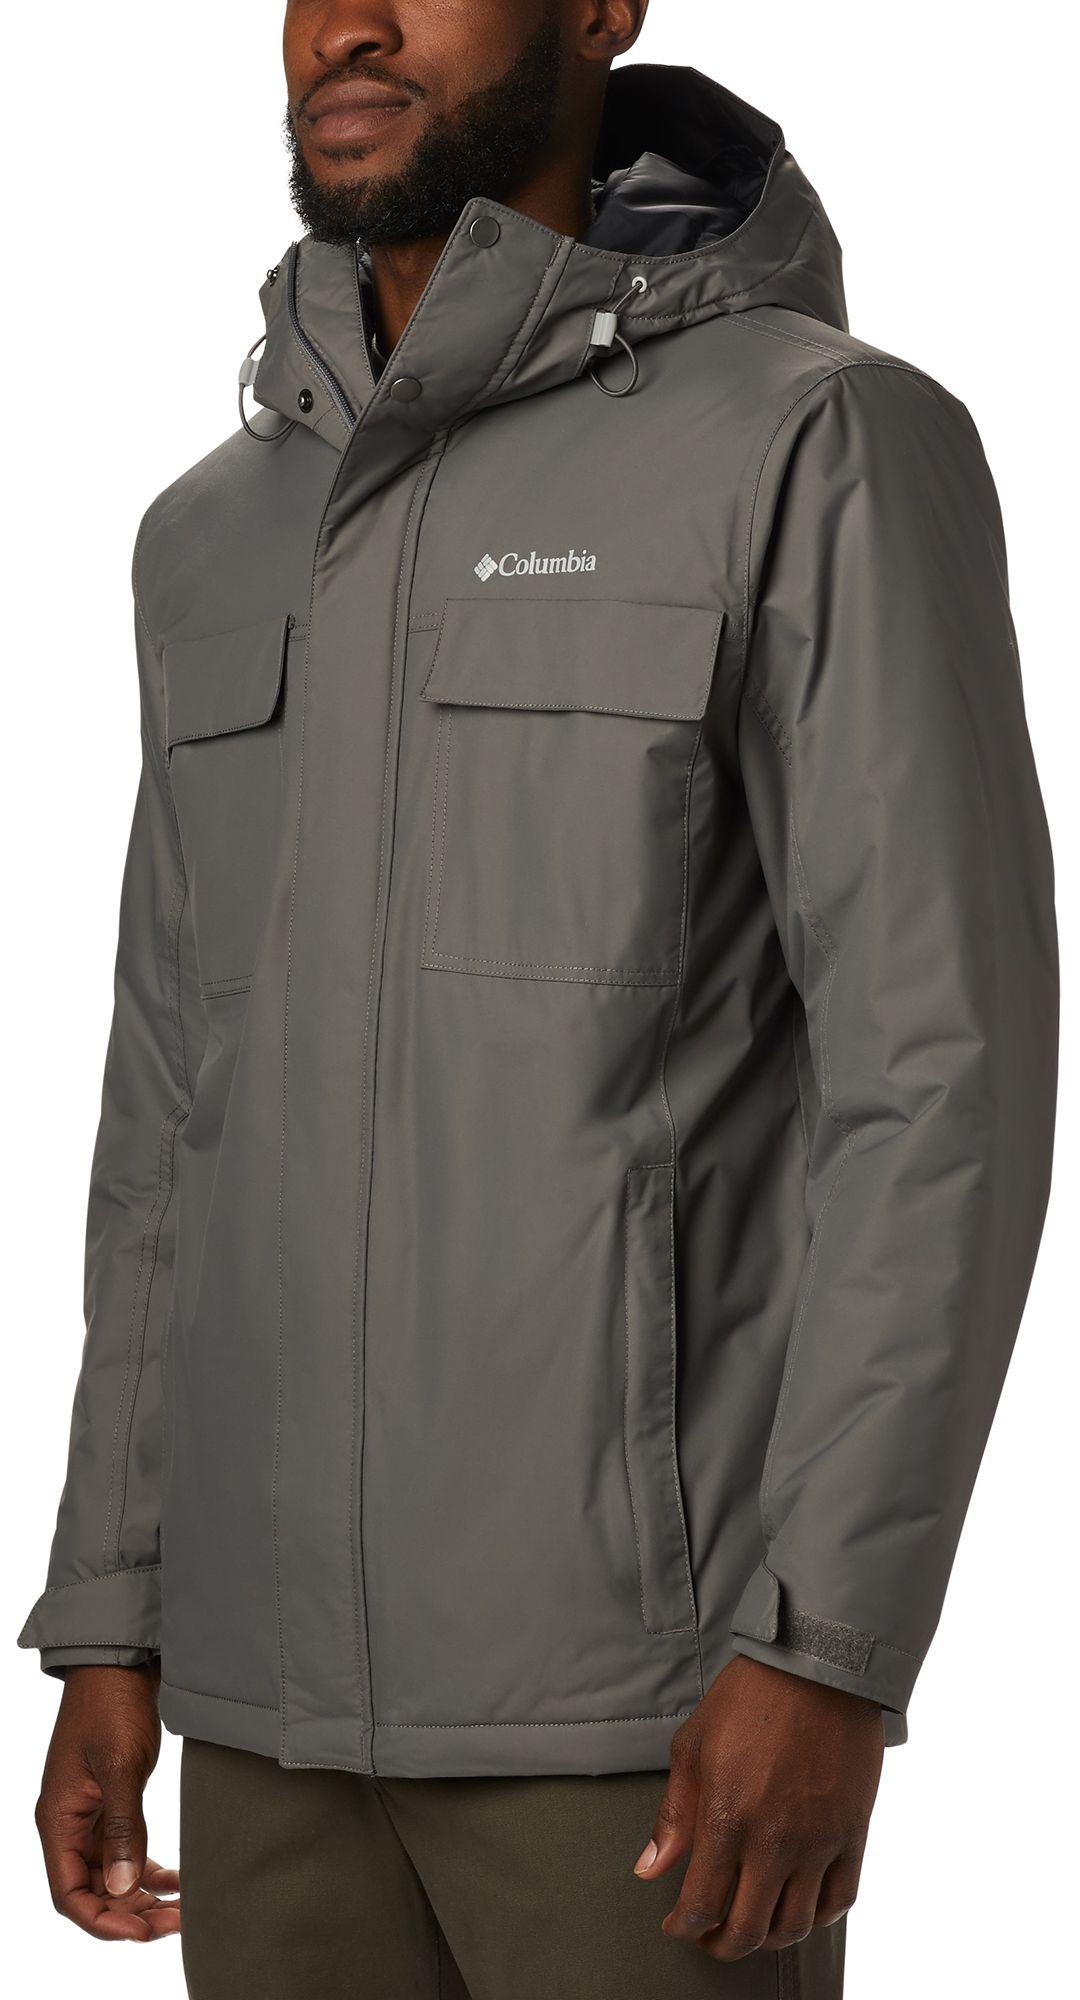 bf09e894c Columbia Men's Ten Falls Jacket